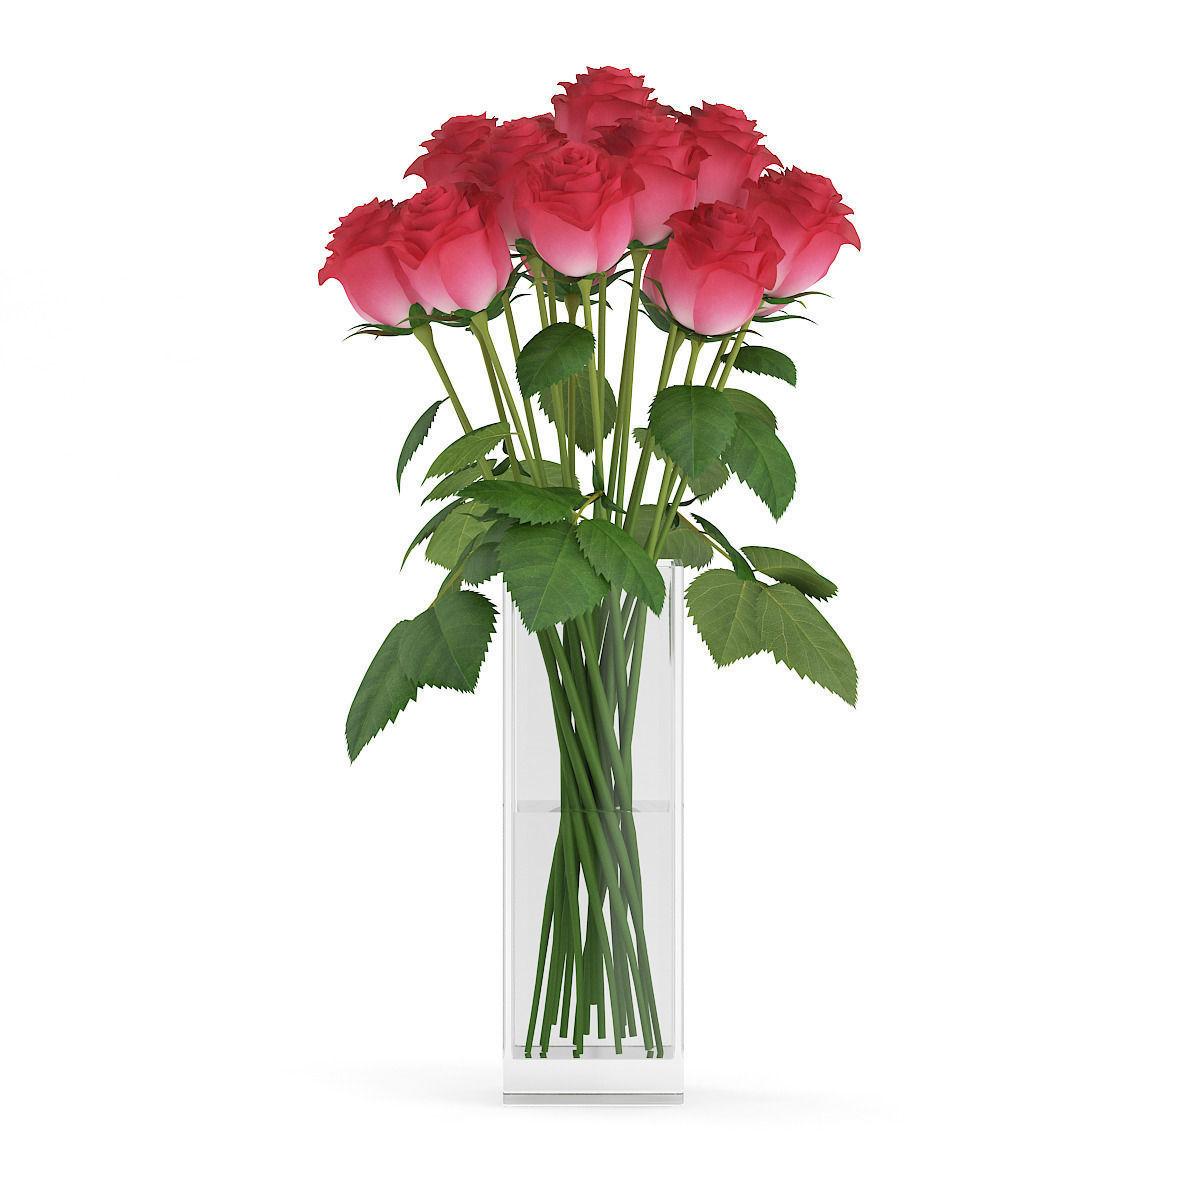 Red Roses In Gl Vase Model Max Obj Mtl Fbx C4d 1